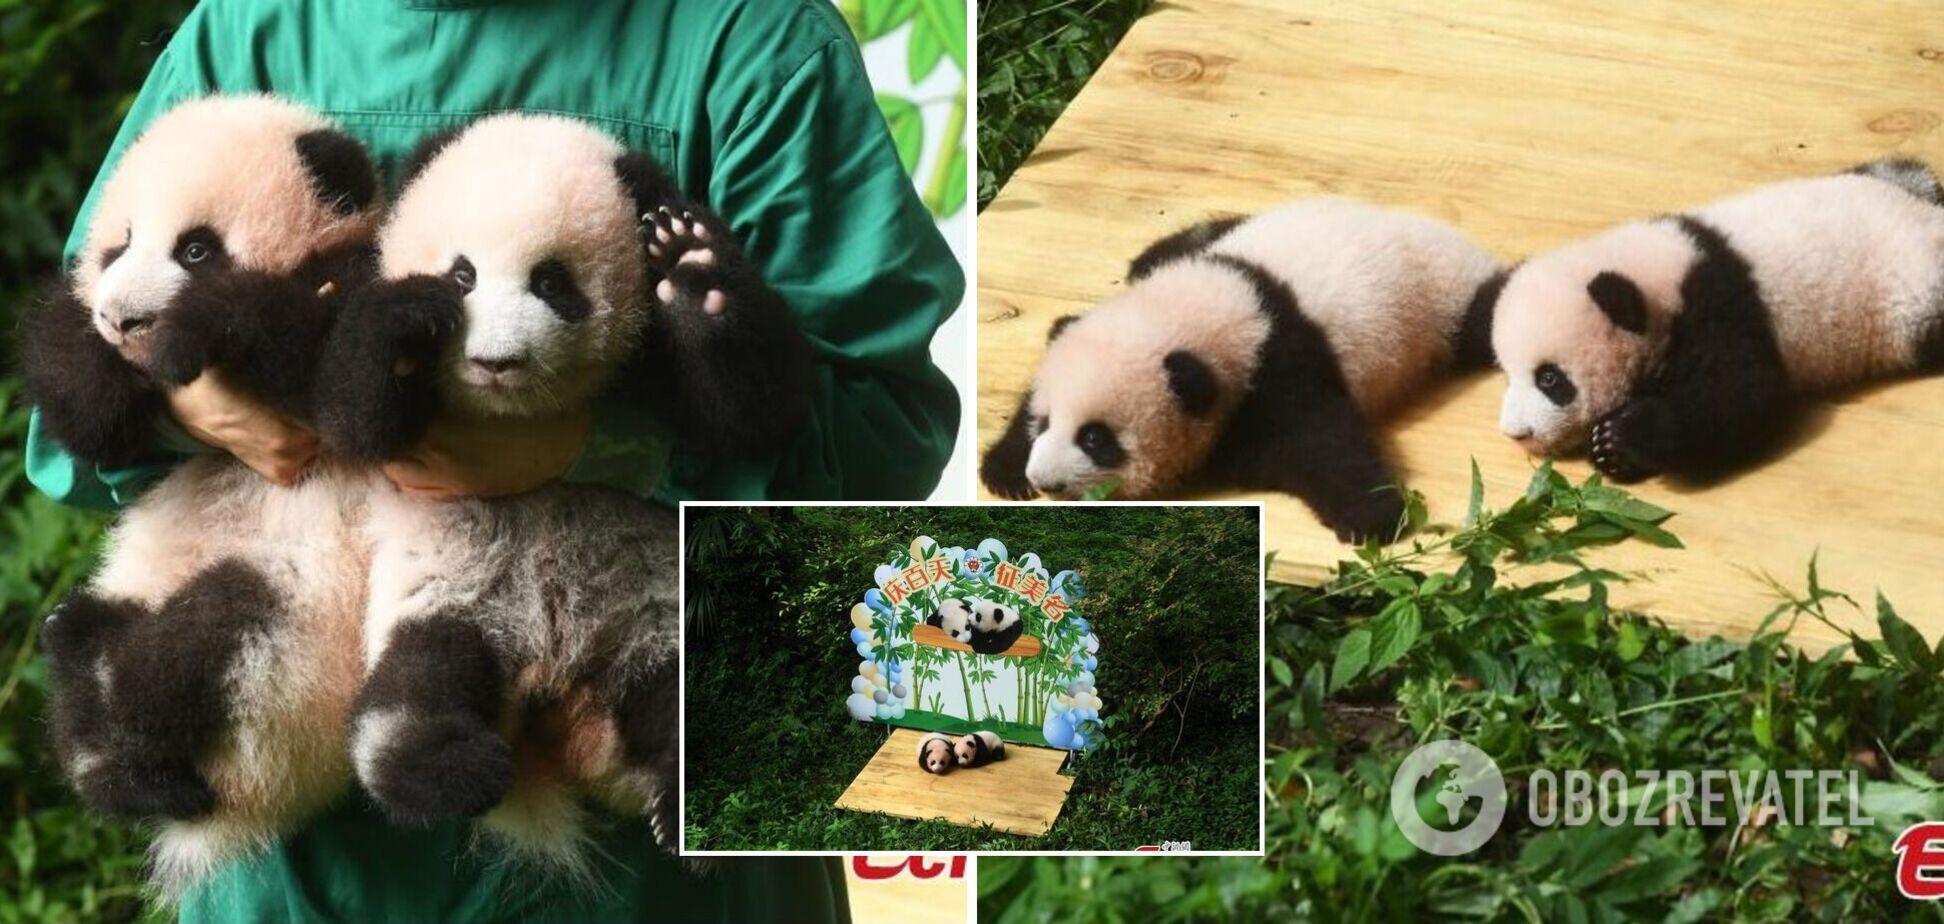 Пандам-близнецам в зоопарке Китая исполнилось 100 дней